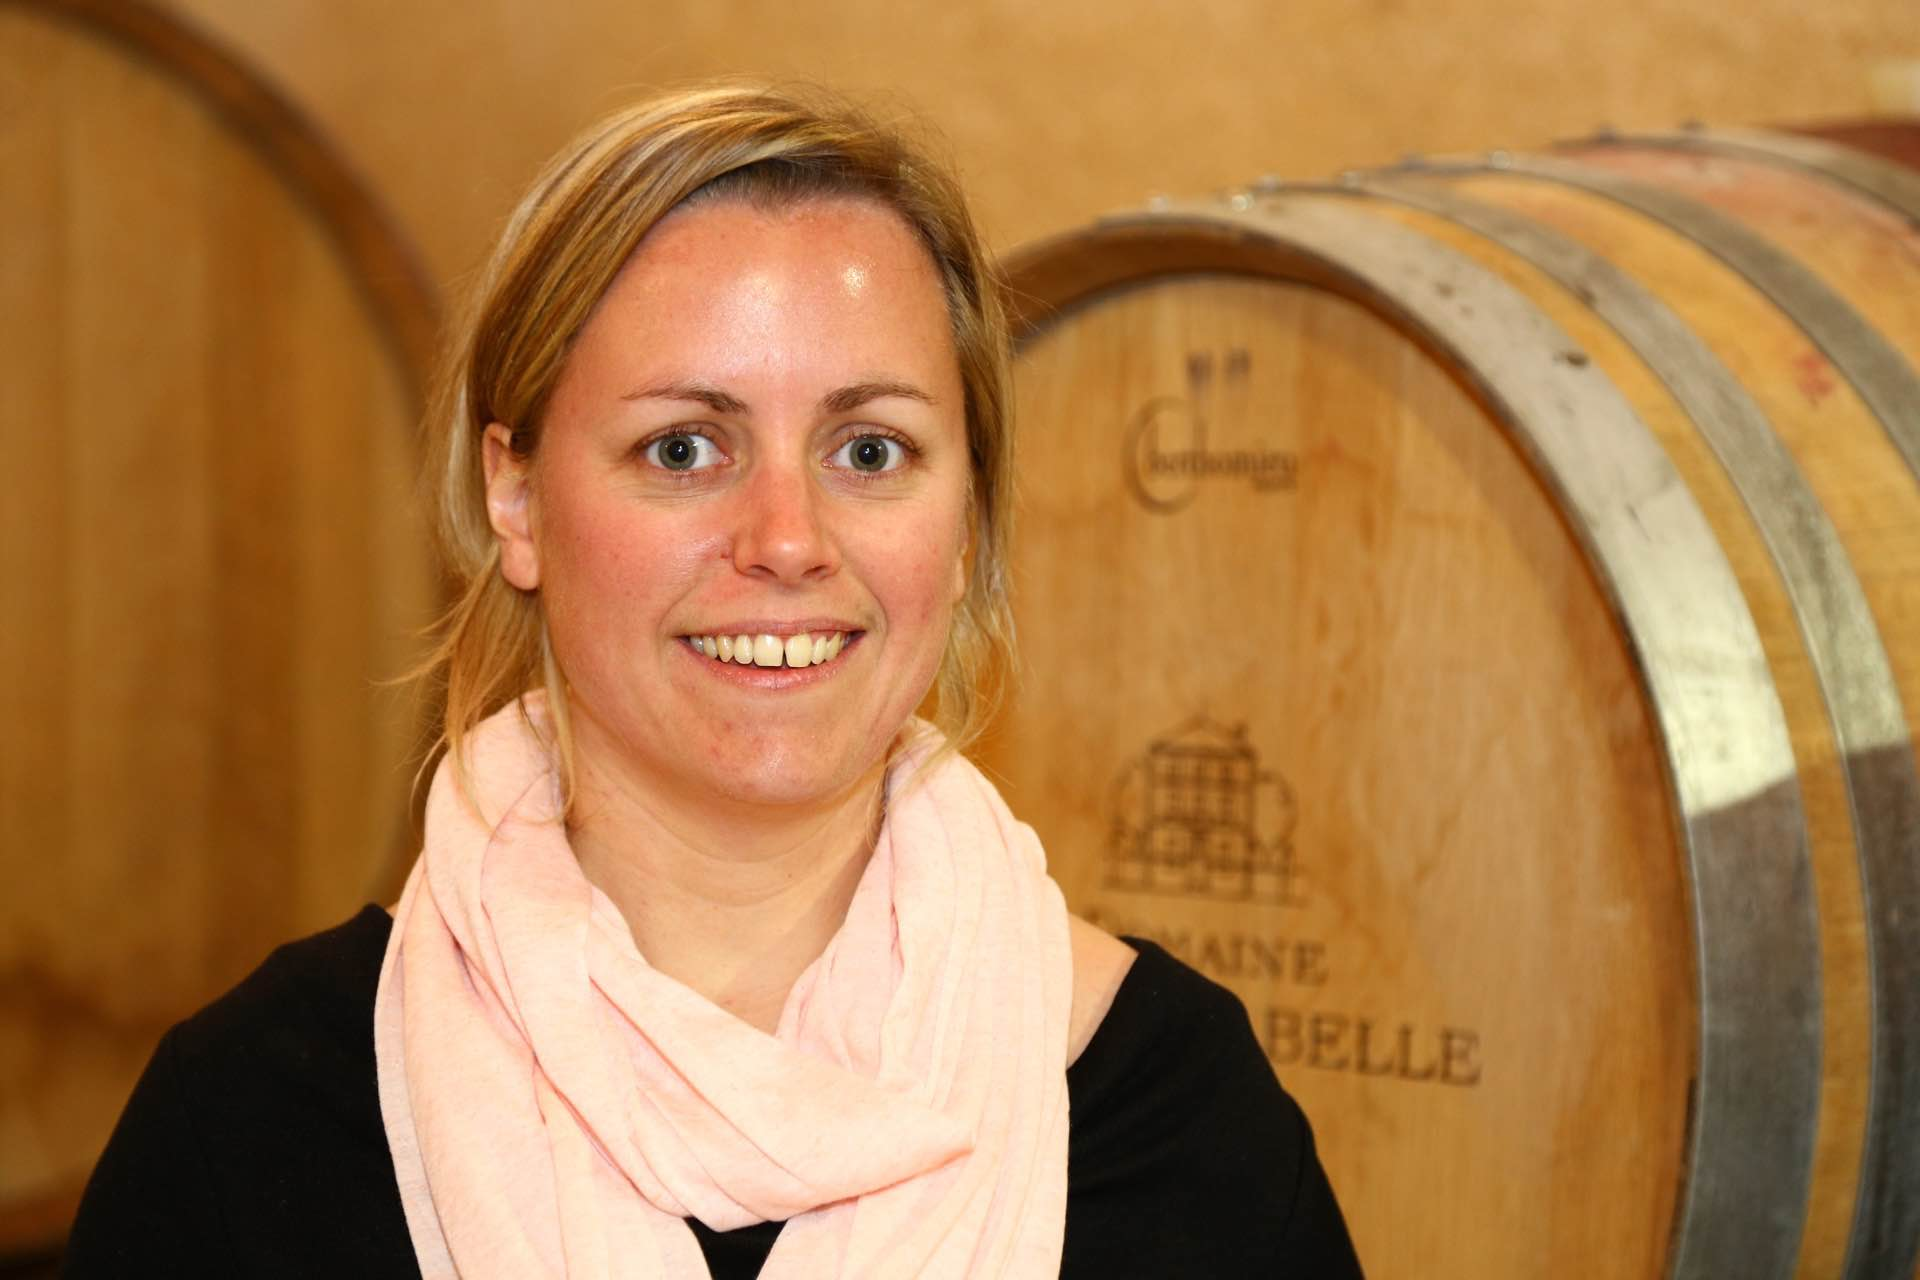 Domaine La Croix Belle - アペロ ワインバー / apéro WINEBAR - vins et petits plats français - Minami Aoyama Tokyo